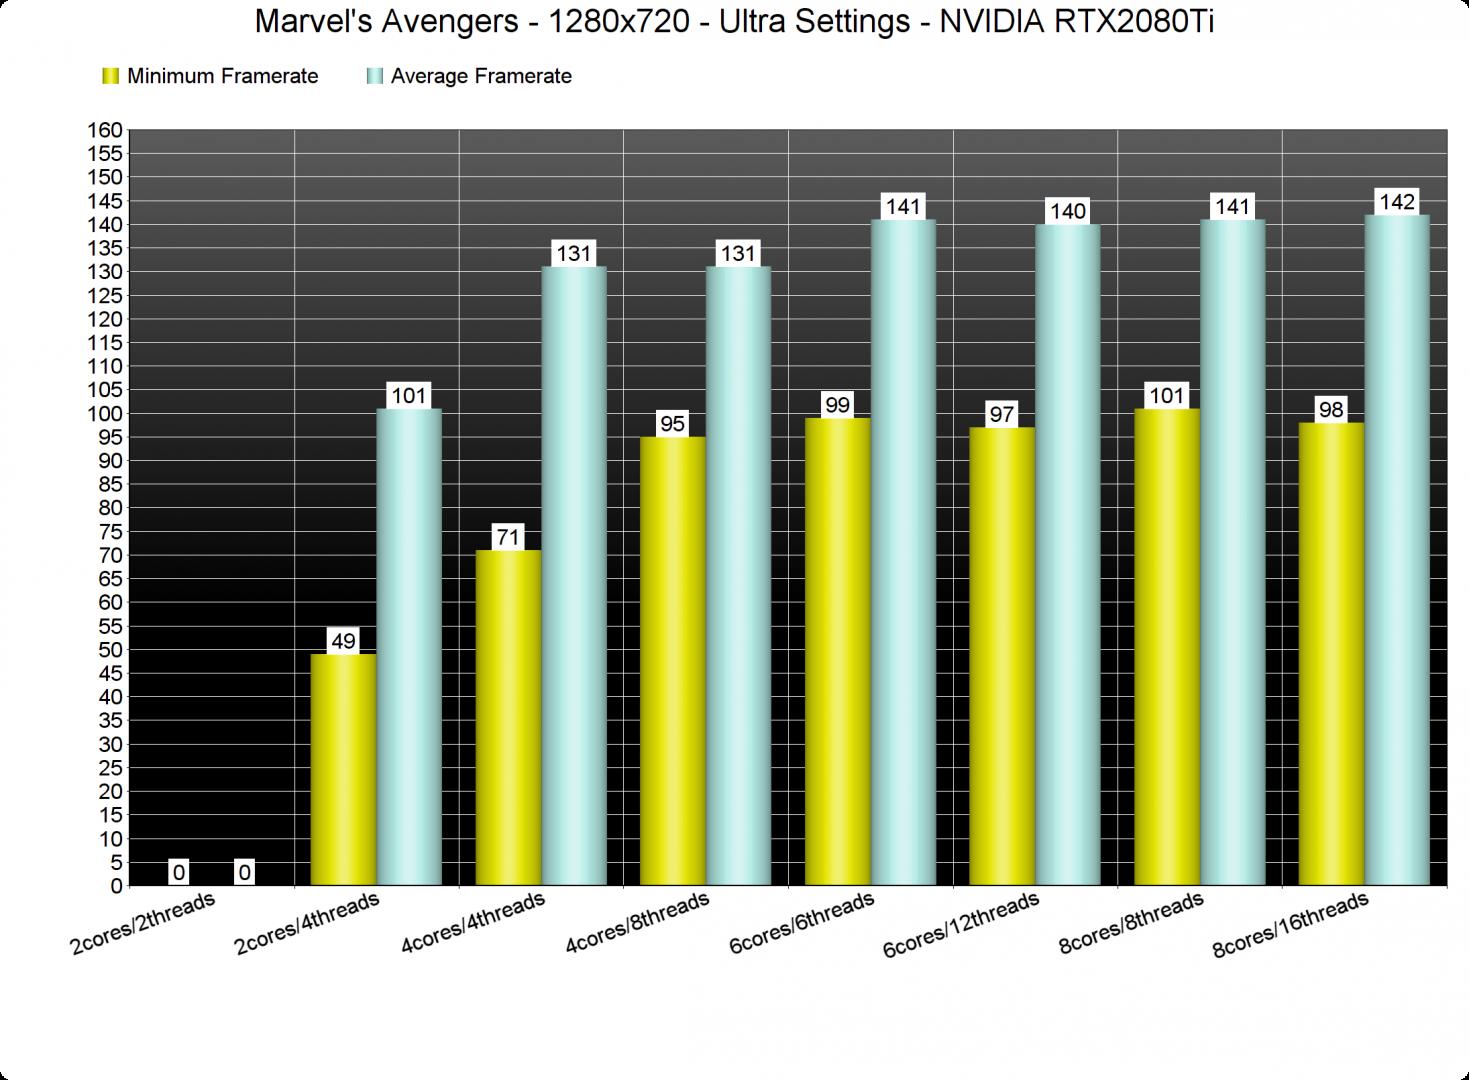 Marvel's Avengers CPU benchmarks-1